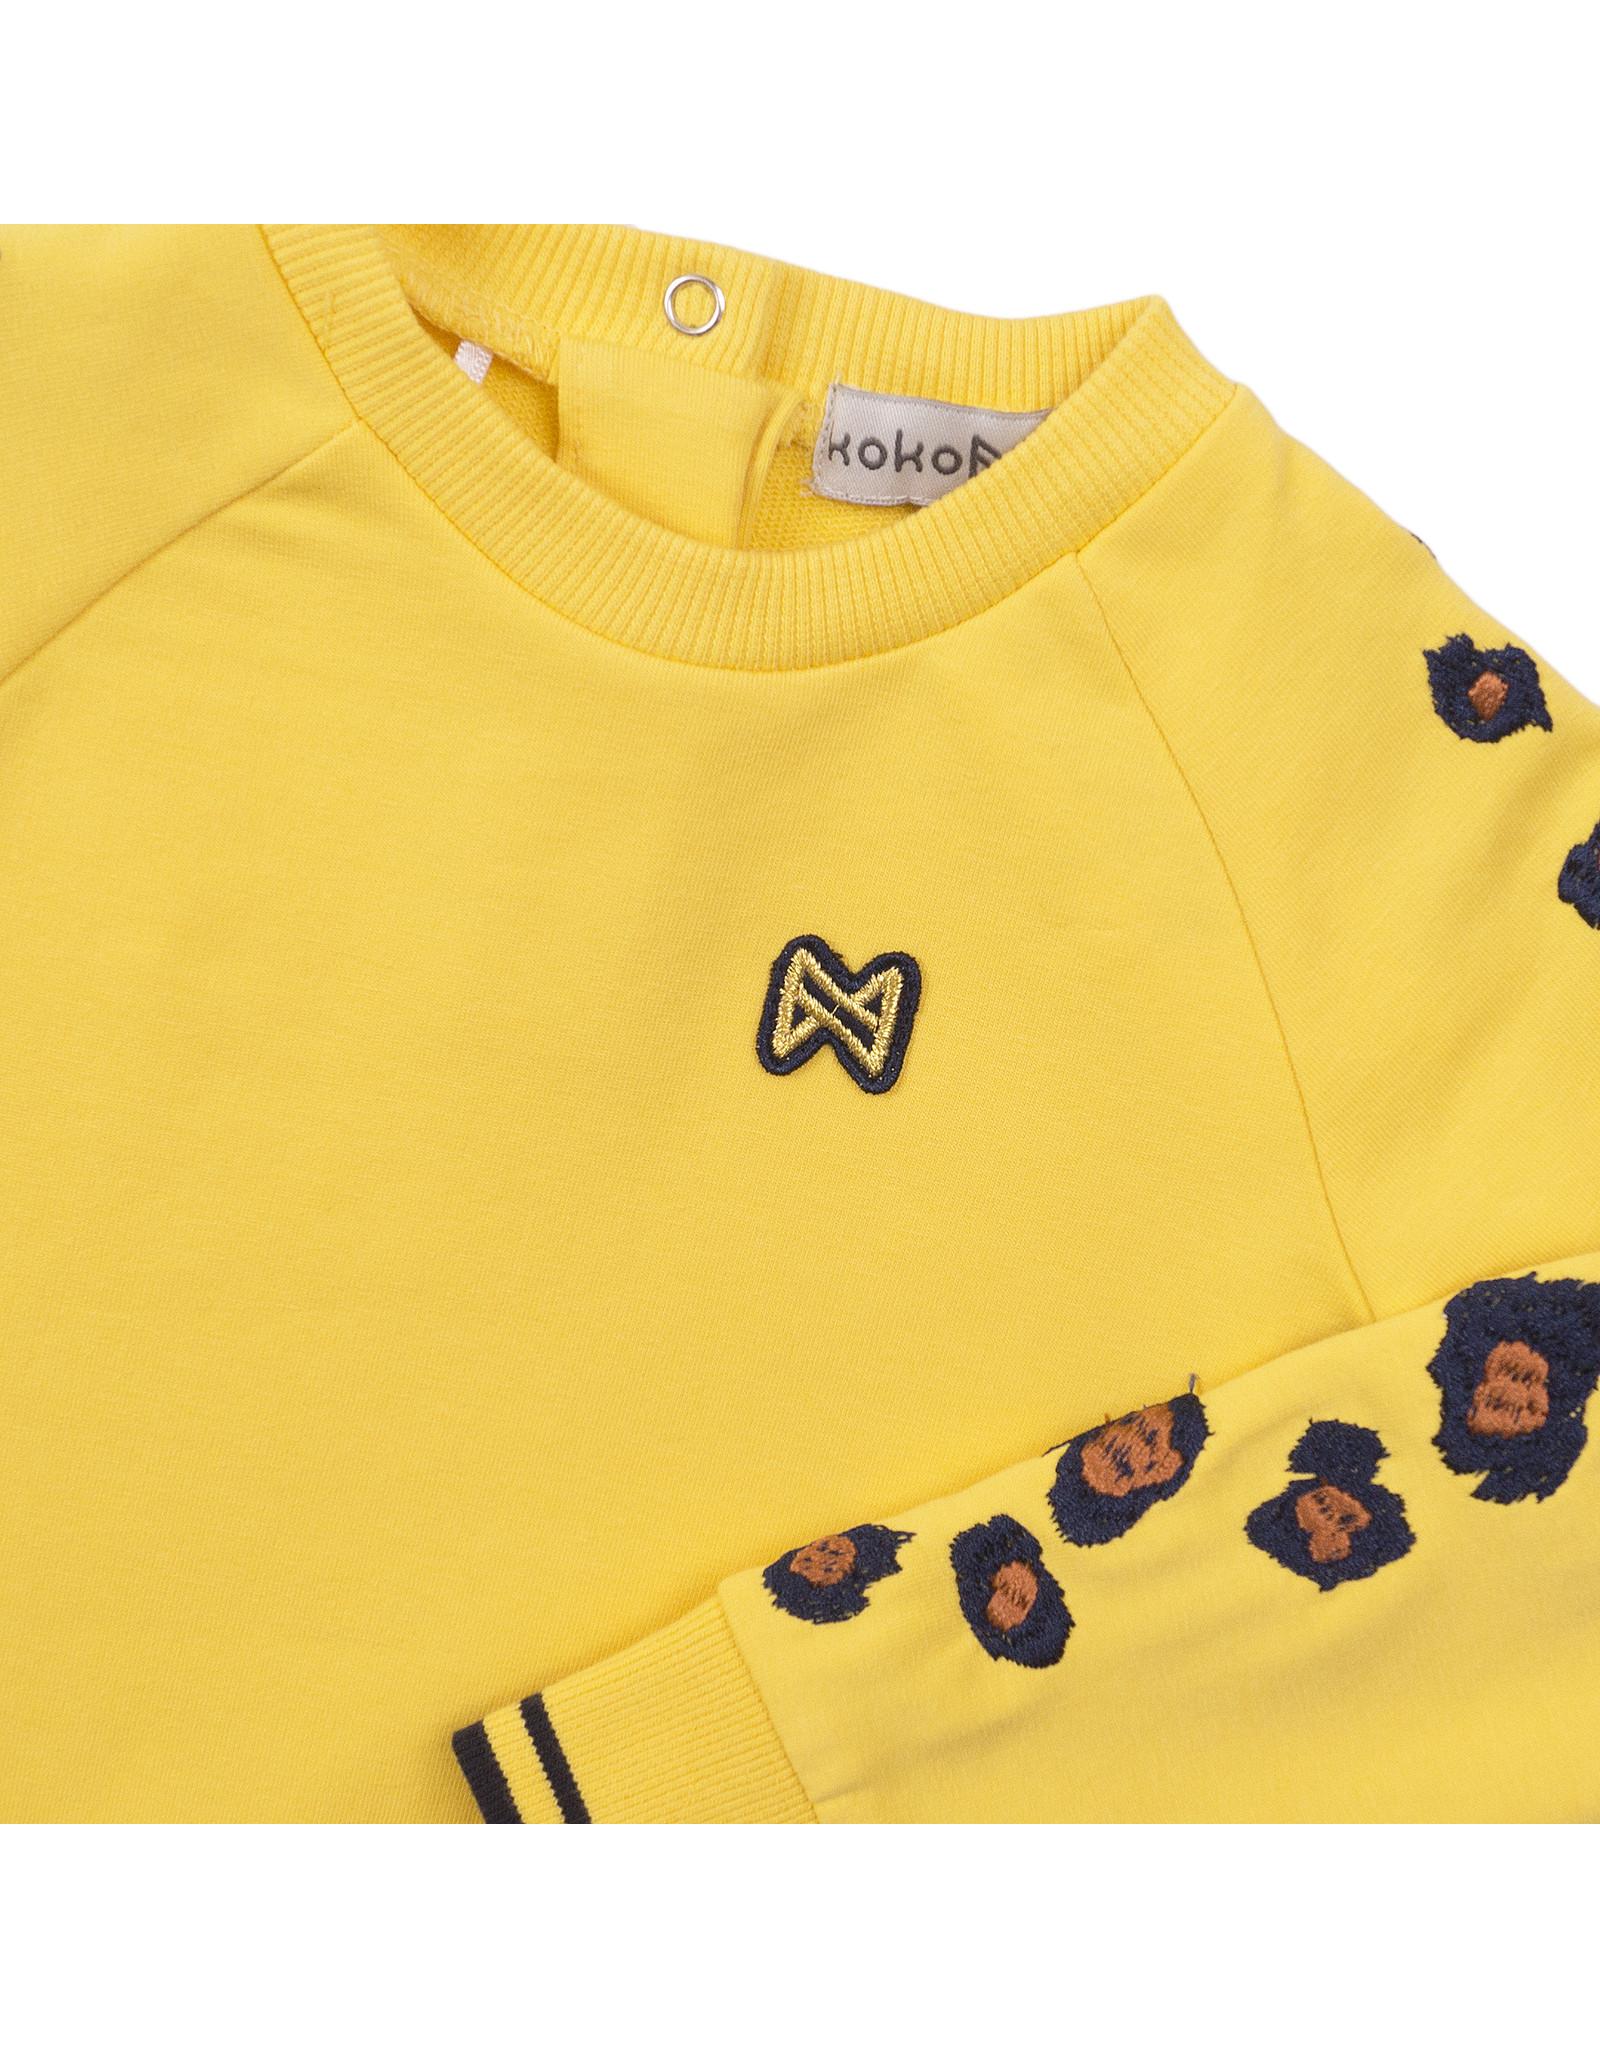 Koko Noko Sweater ls, Yellow, SS21